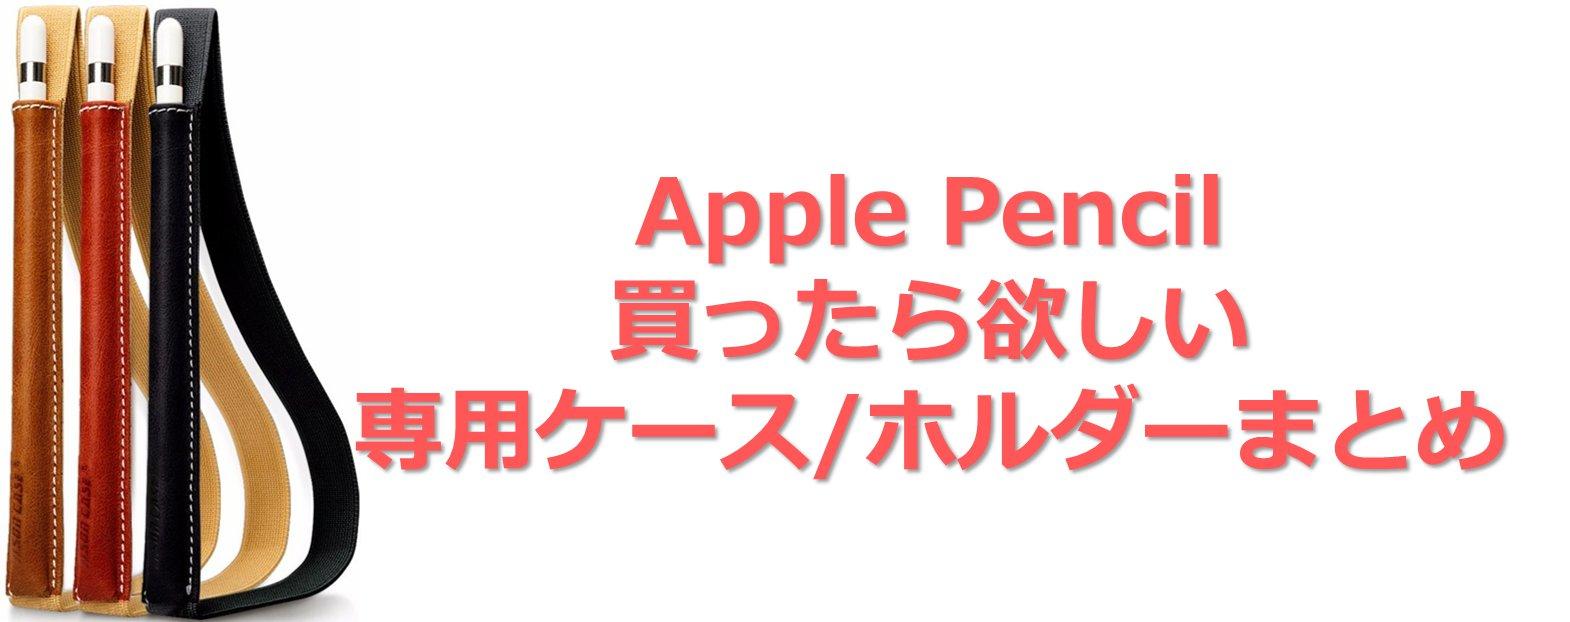 Apple Pencilケース アイキャッチ